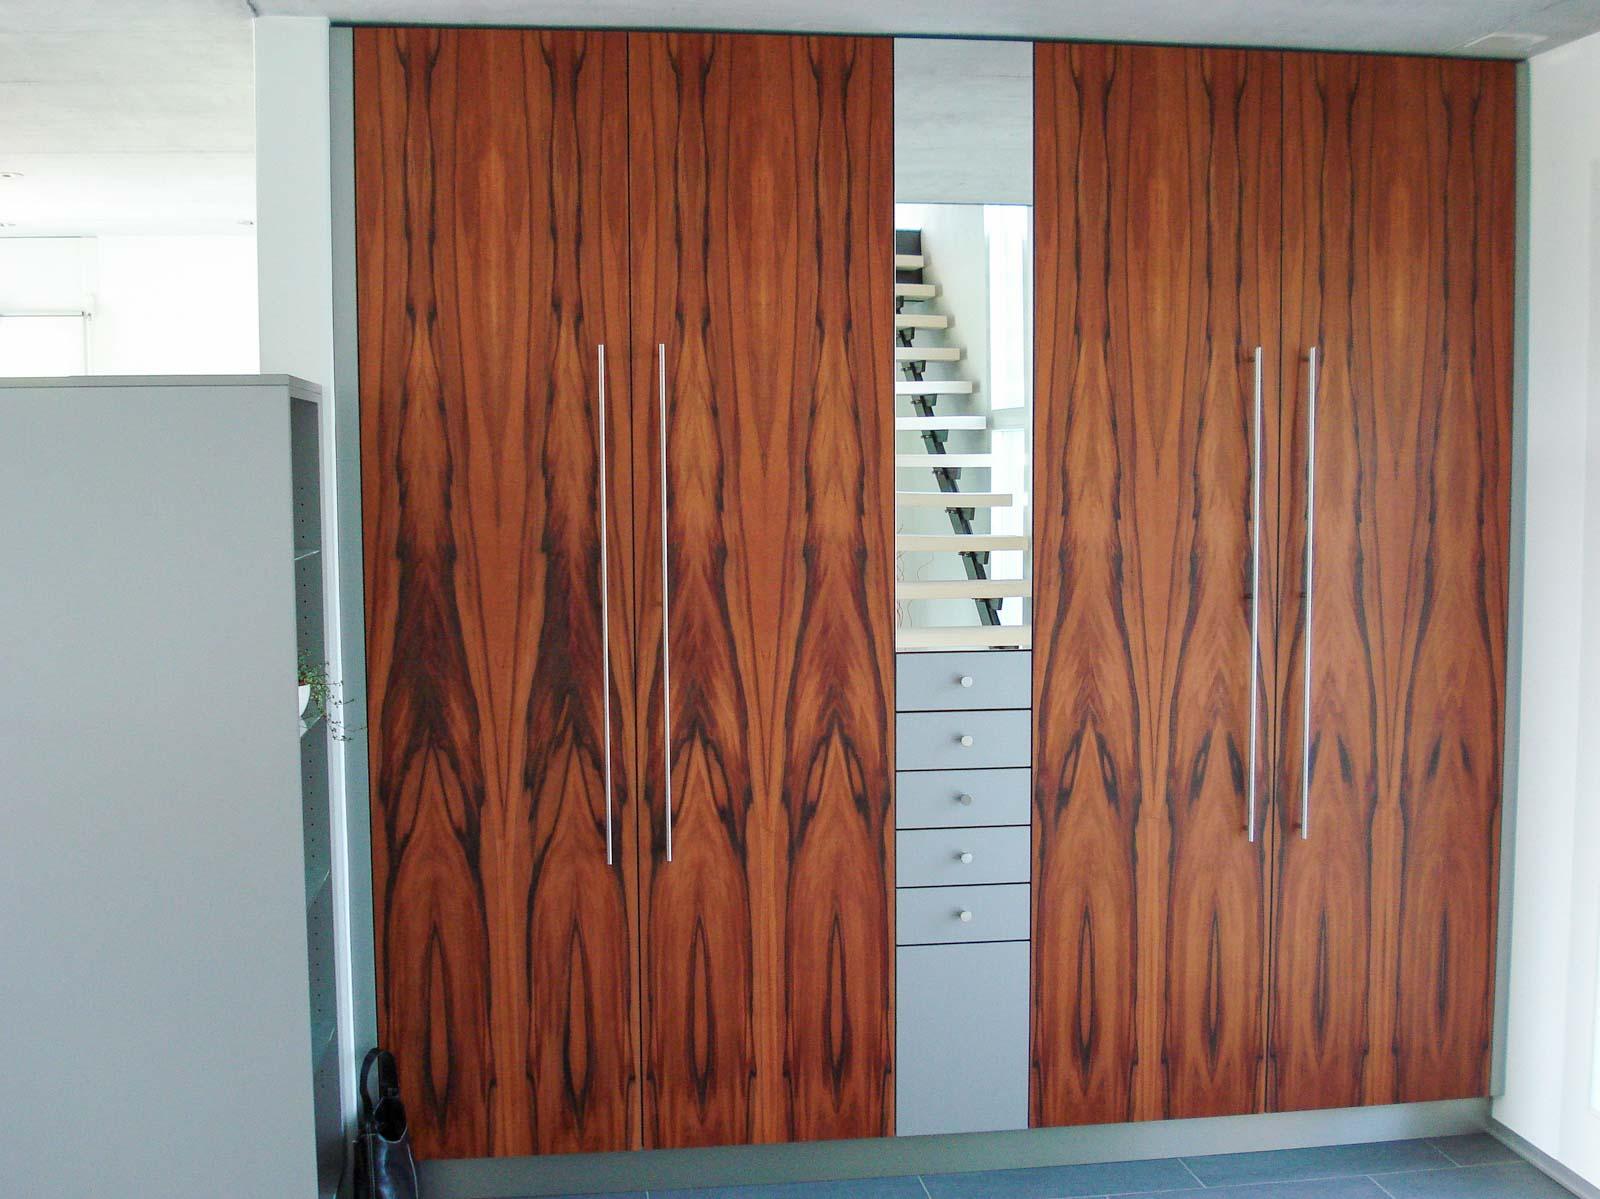 Wooddesign_Garderobe_Gästegarderobe_ Spiegelschrank_Tineo-indischer Apfelbaum-Relinggriffe (2)